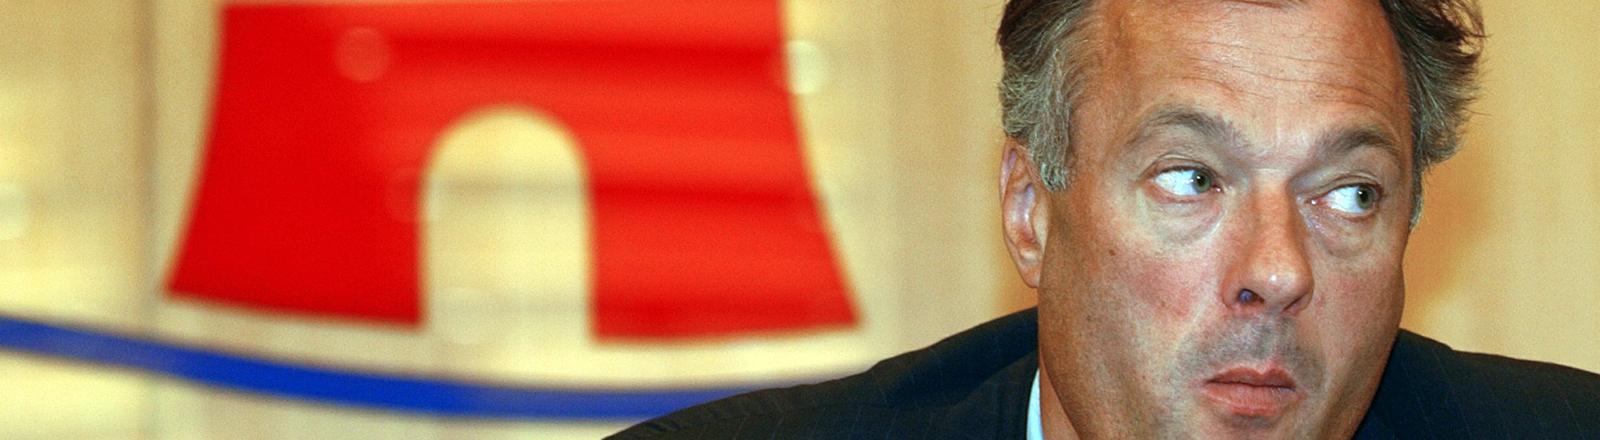 Ronald Schill kündigt im Dezember 2003 seine erneute Kandidatur für die Hamburger Bürgerschaft an.